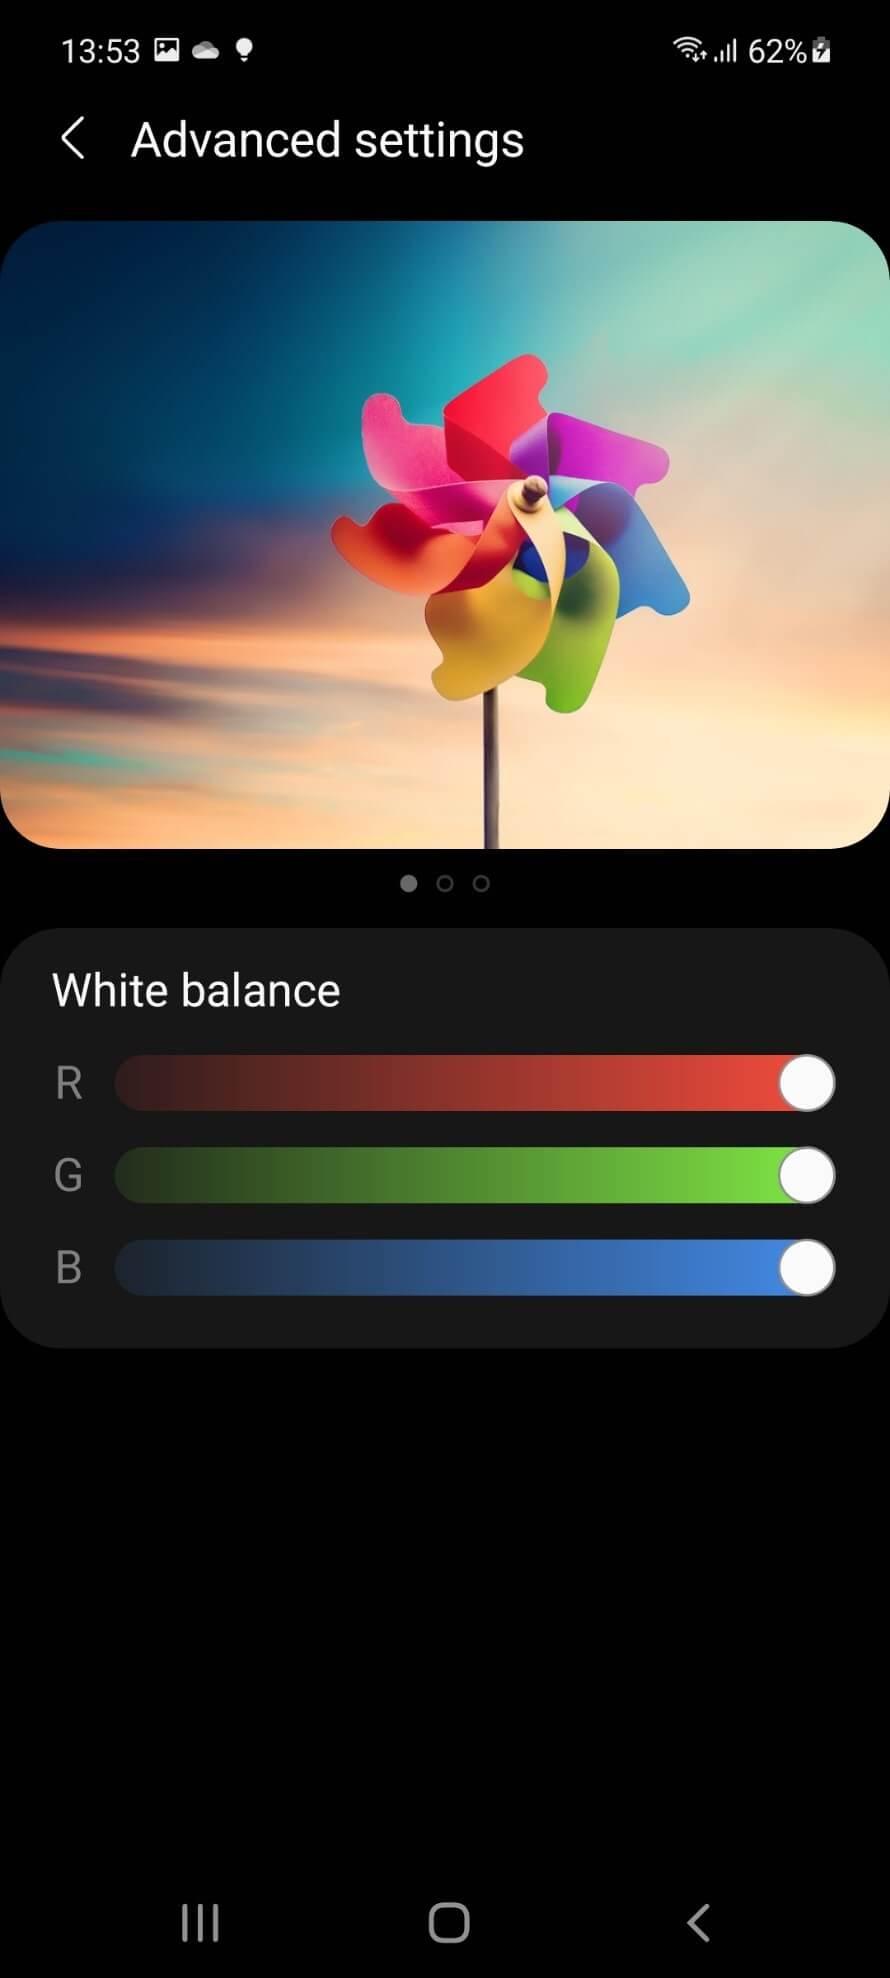 رنگهای DCI-P3 در گلکسی A52s 5G